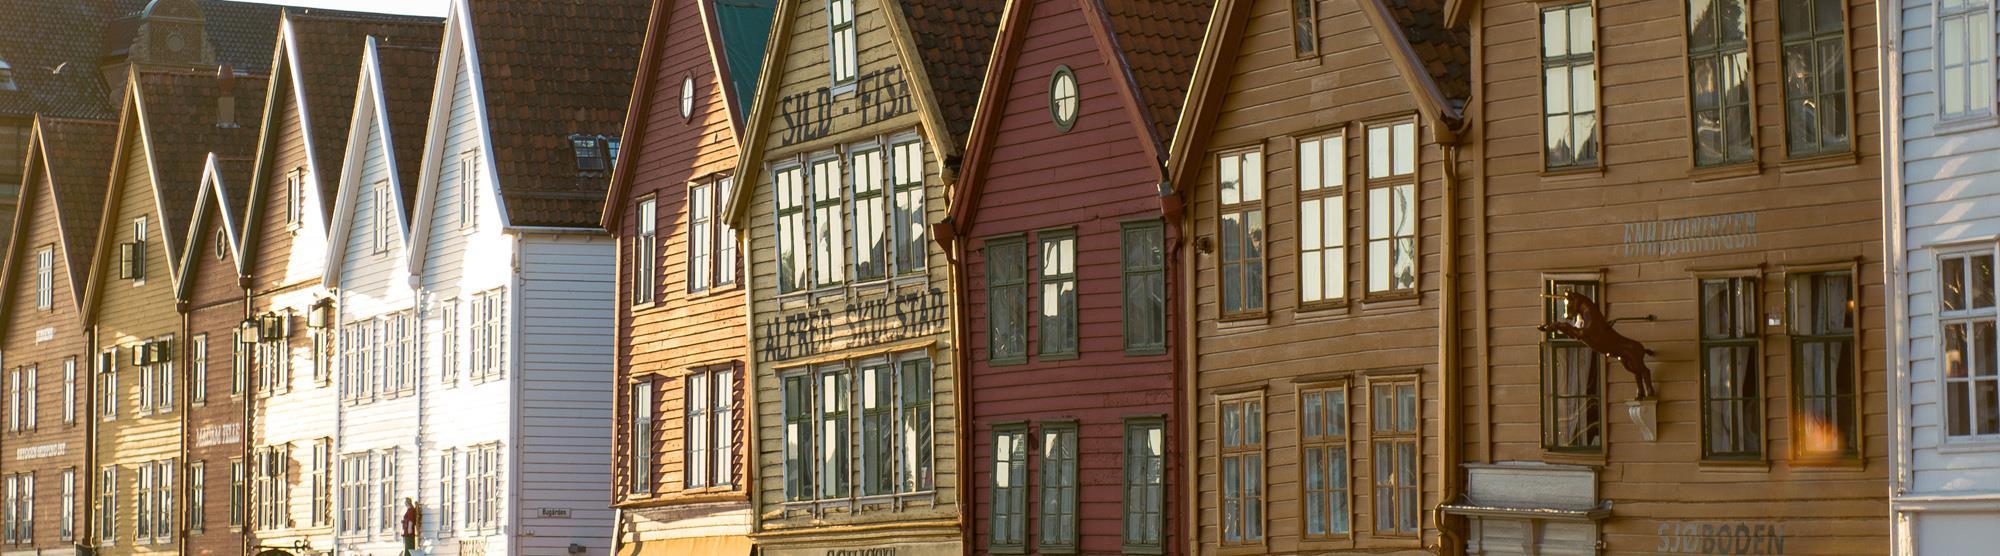 Sehenswürdigkeiten in Bergen